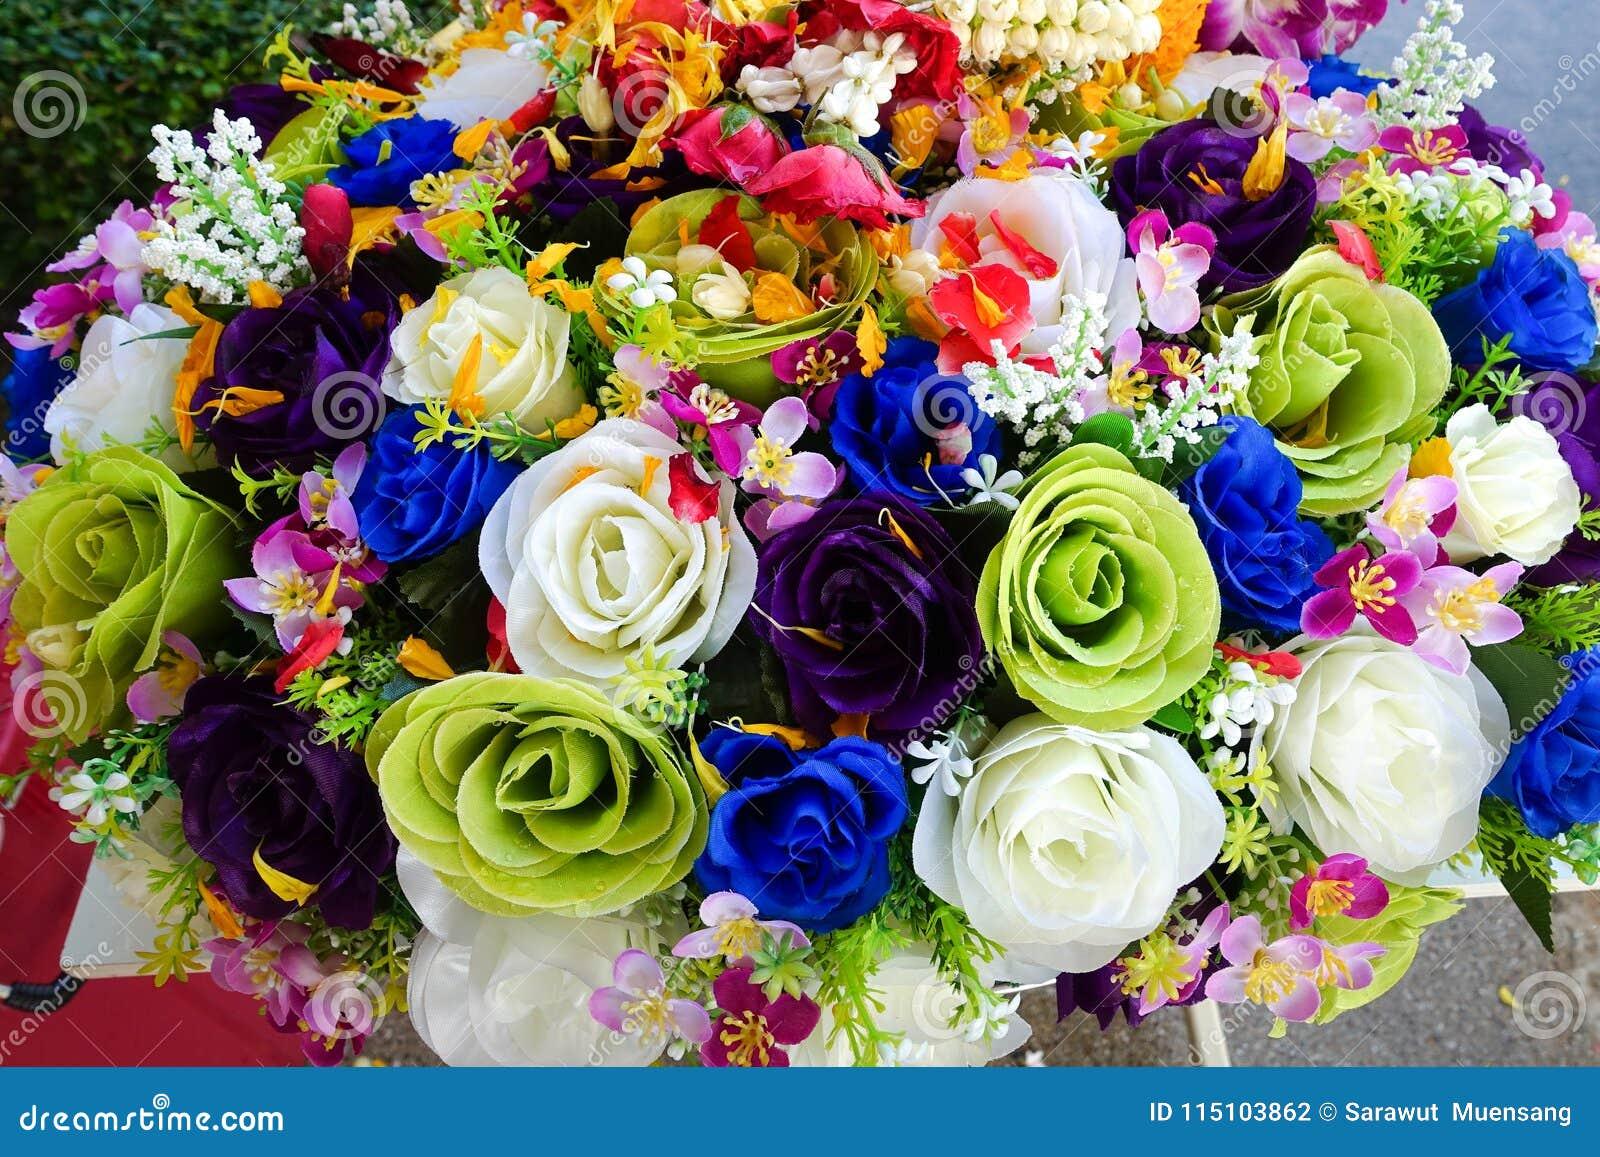 Gefälschte Blume und Blumenhintergrund